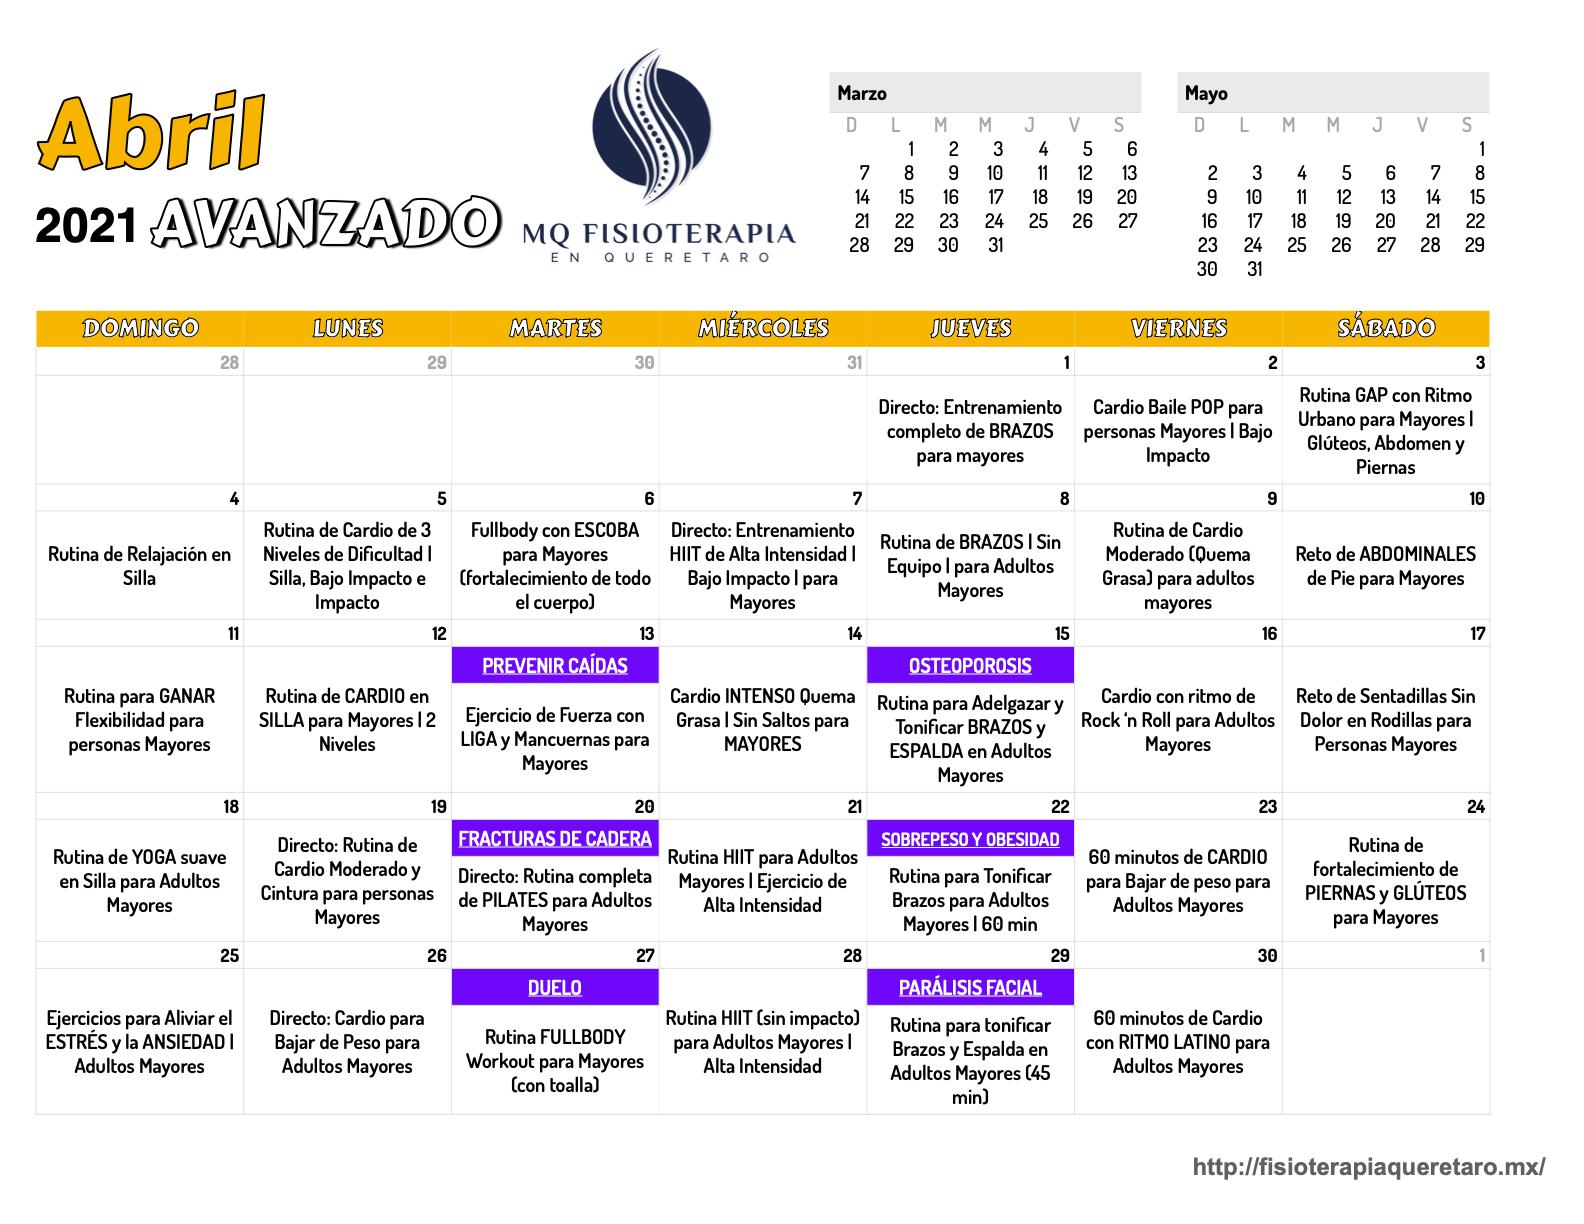 calendario-avanzados-abril-2021